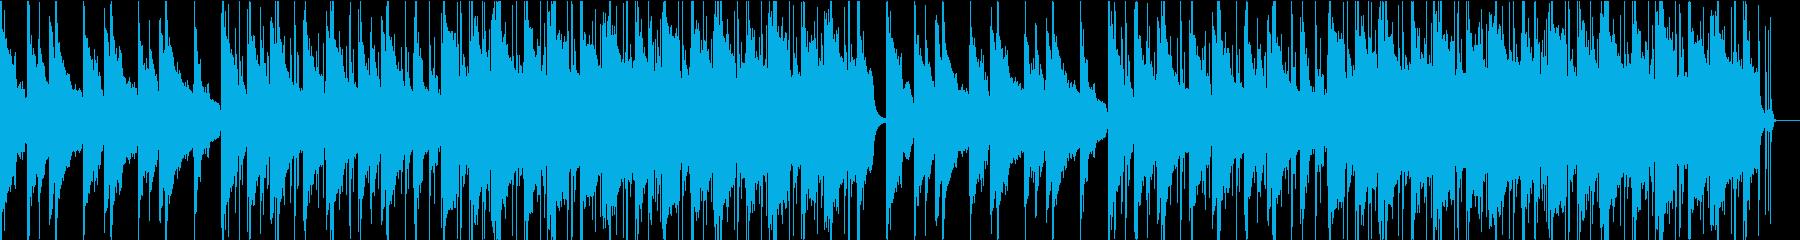 寂しげなピアノとストリングスのBGMの再生済みの波形